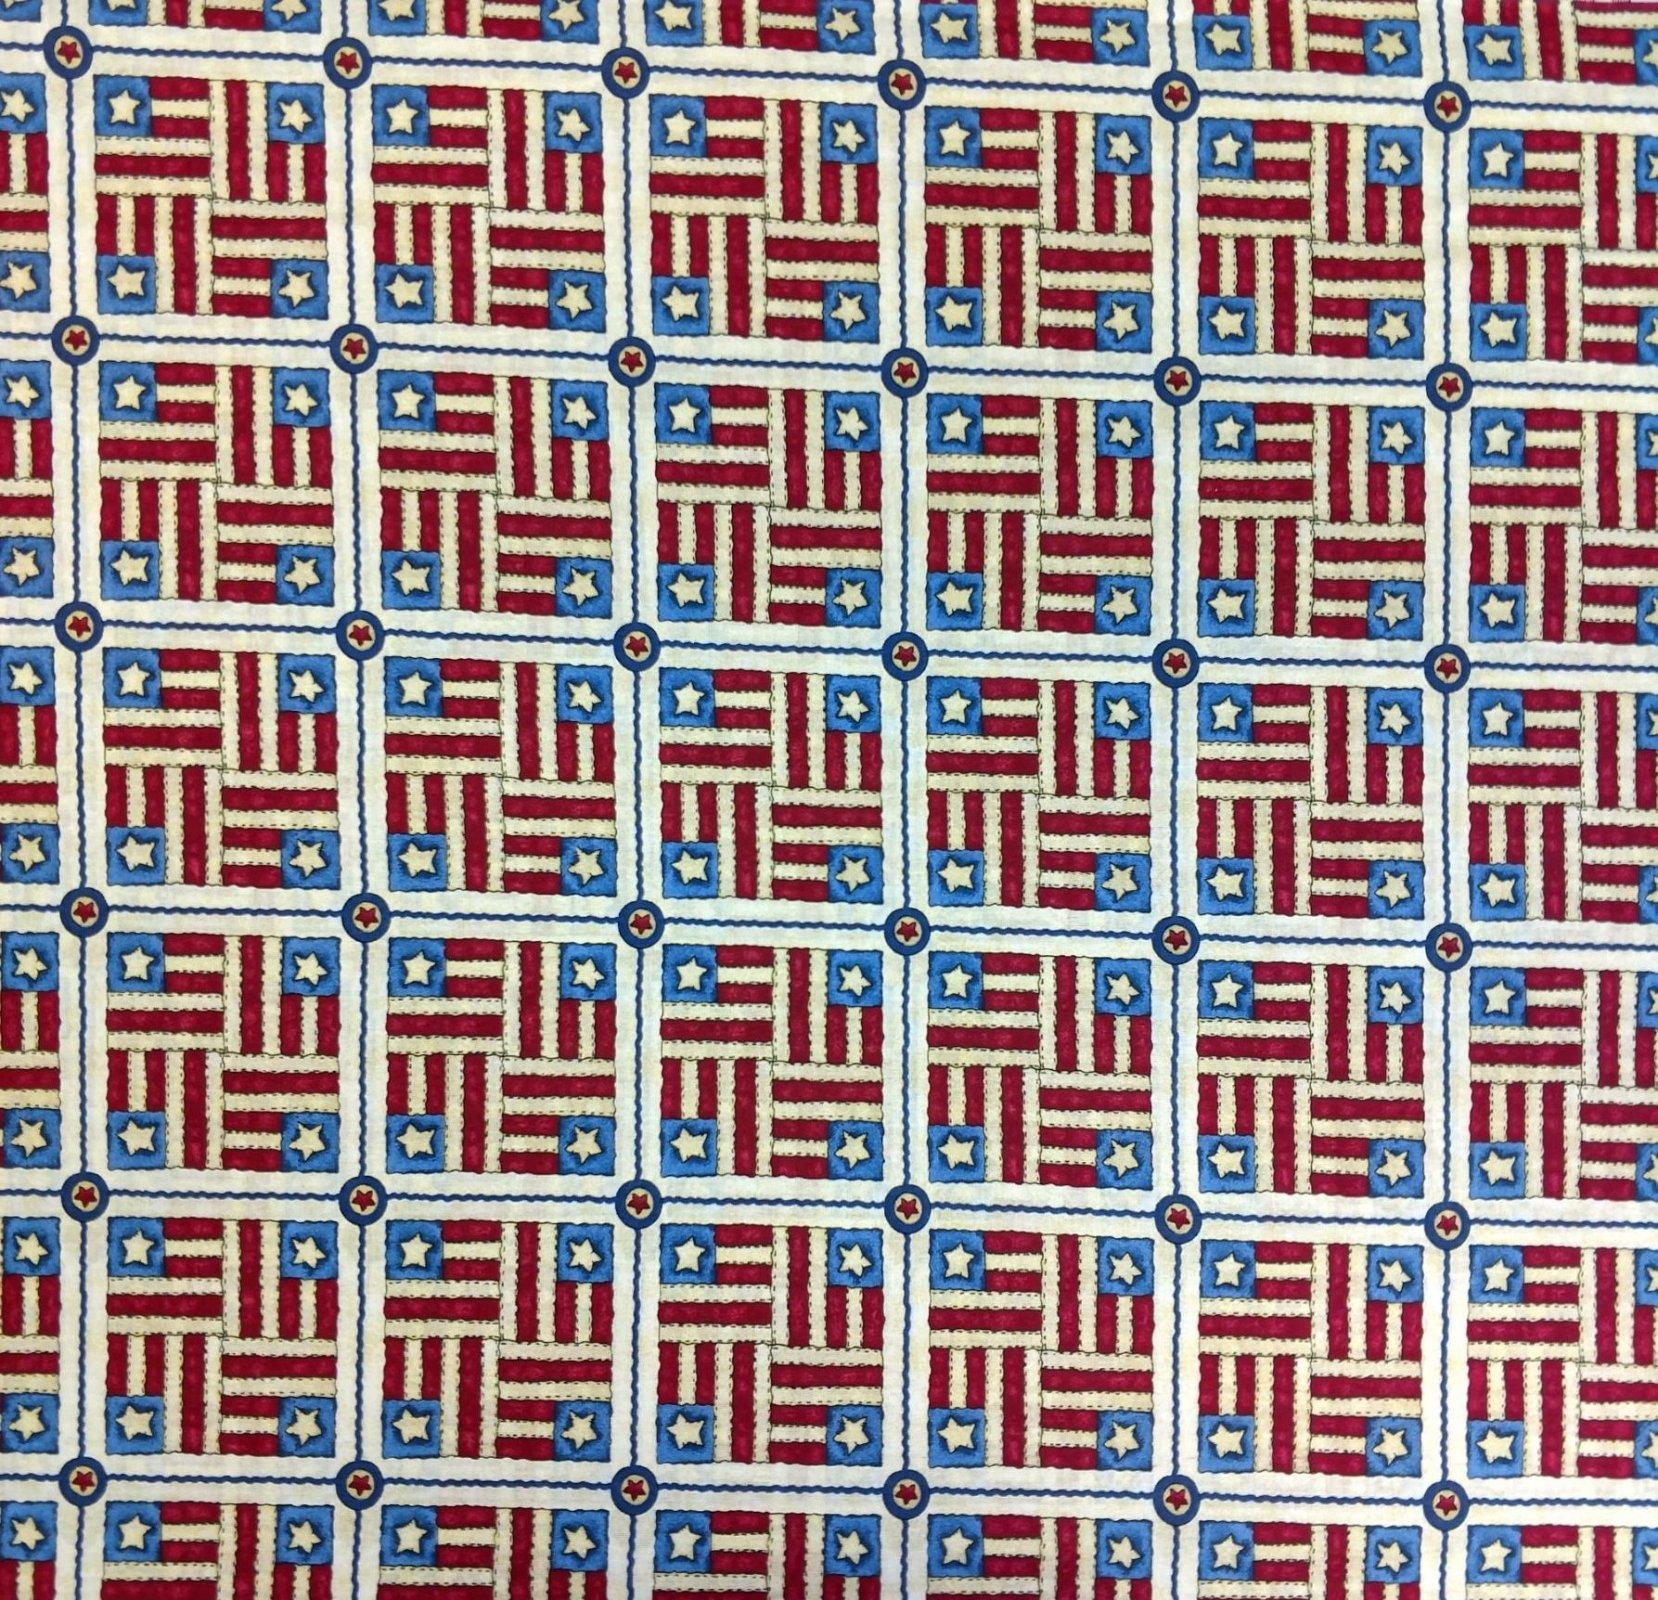 GF-Patriotic Print 21360 Patriotic Squares